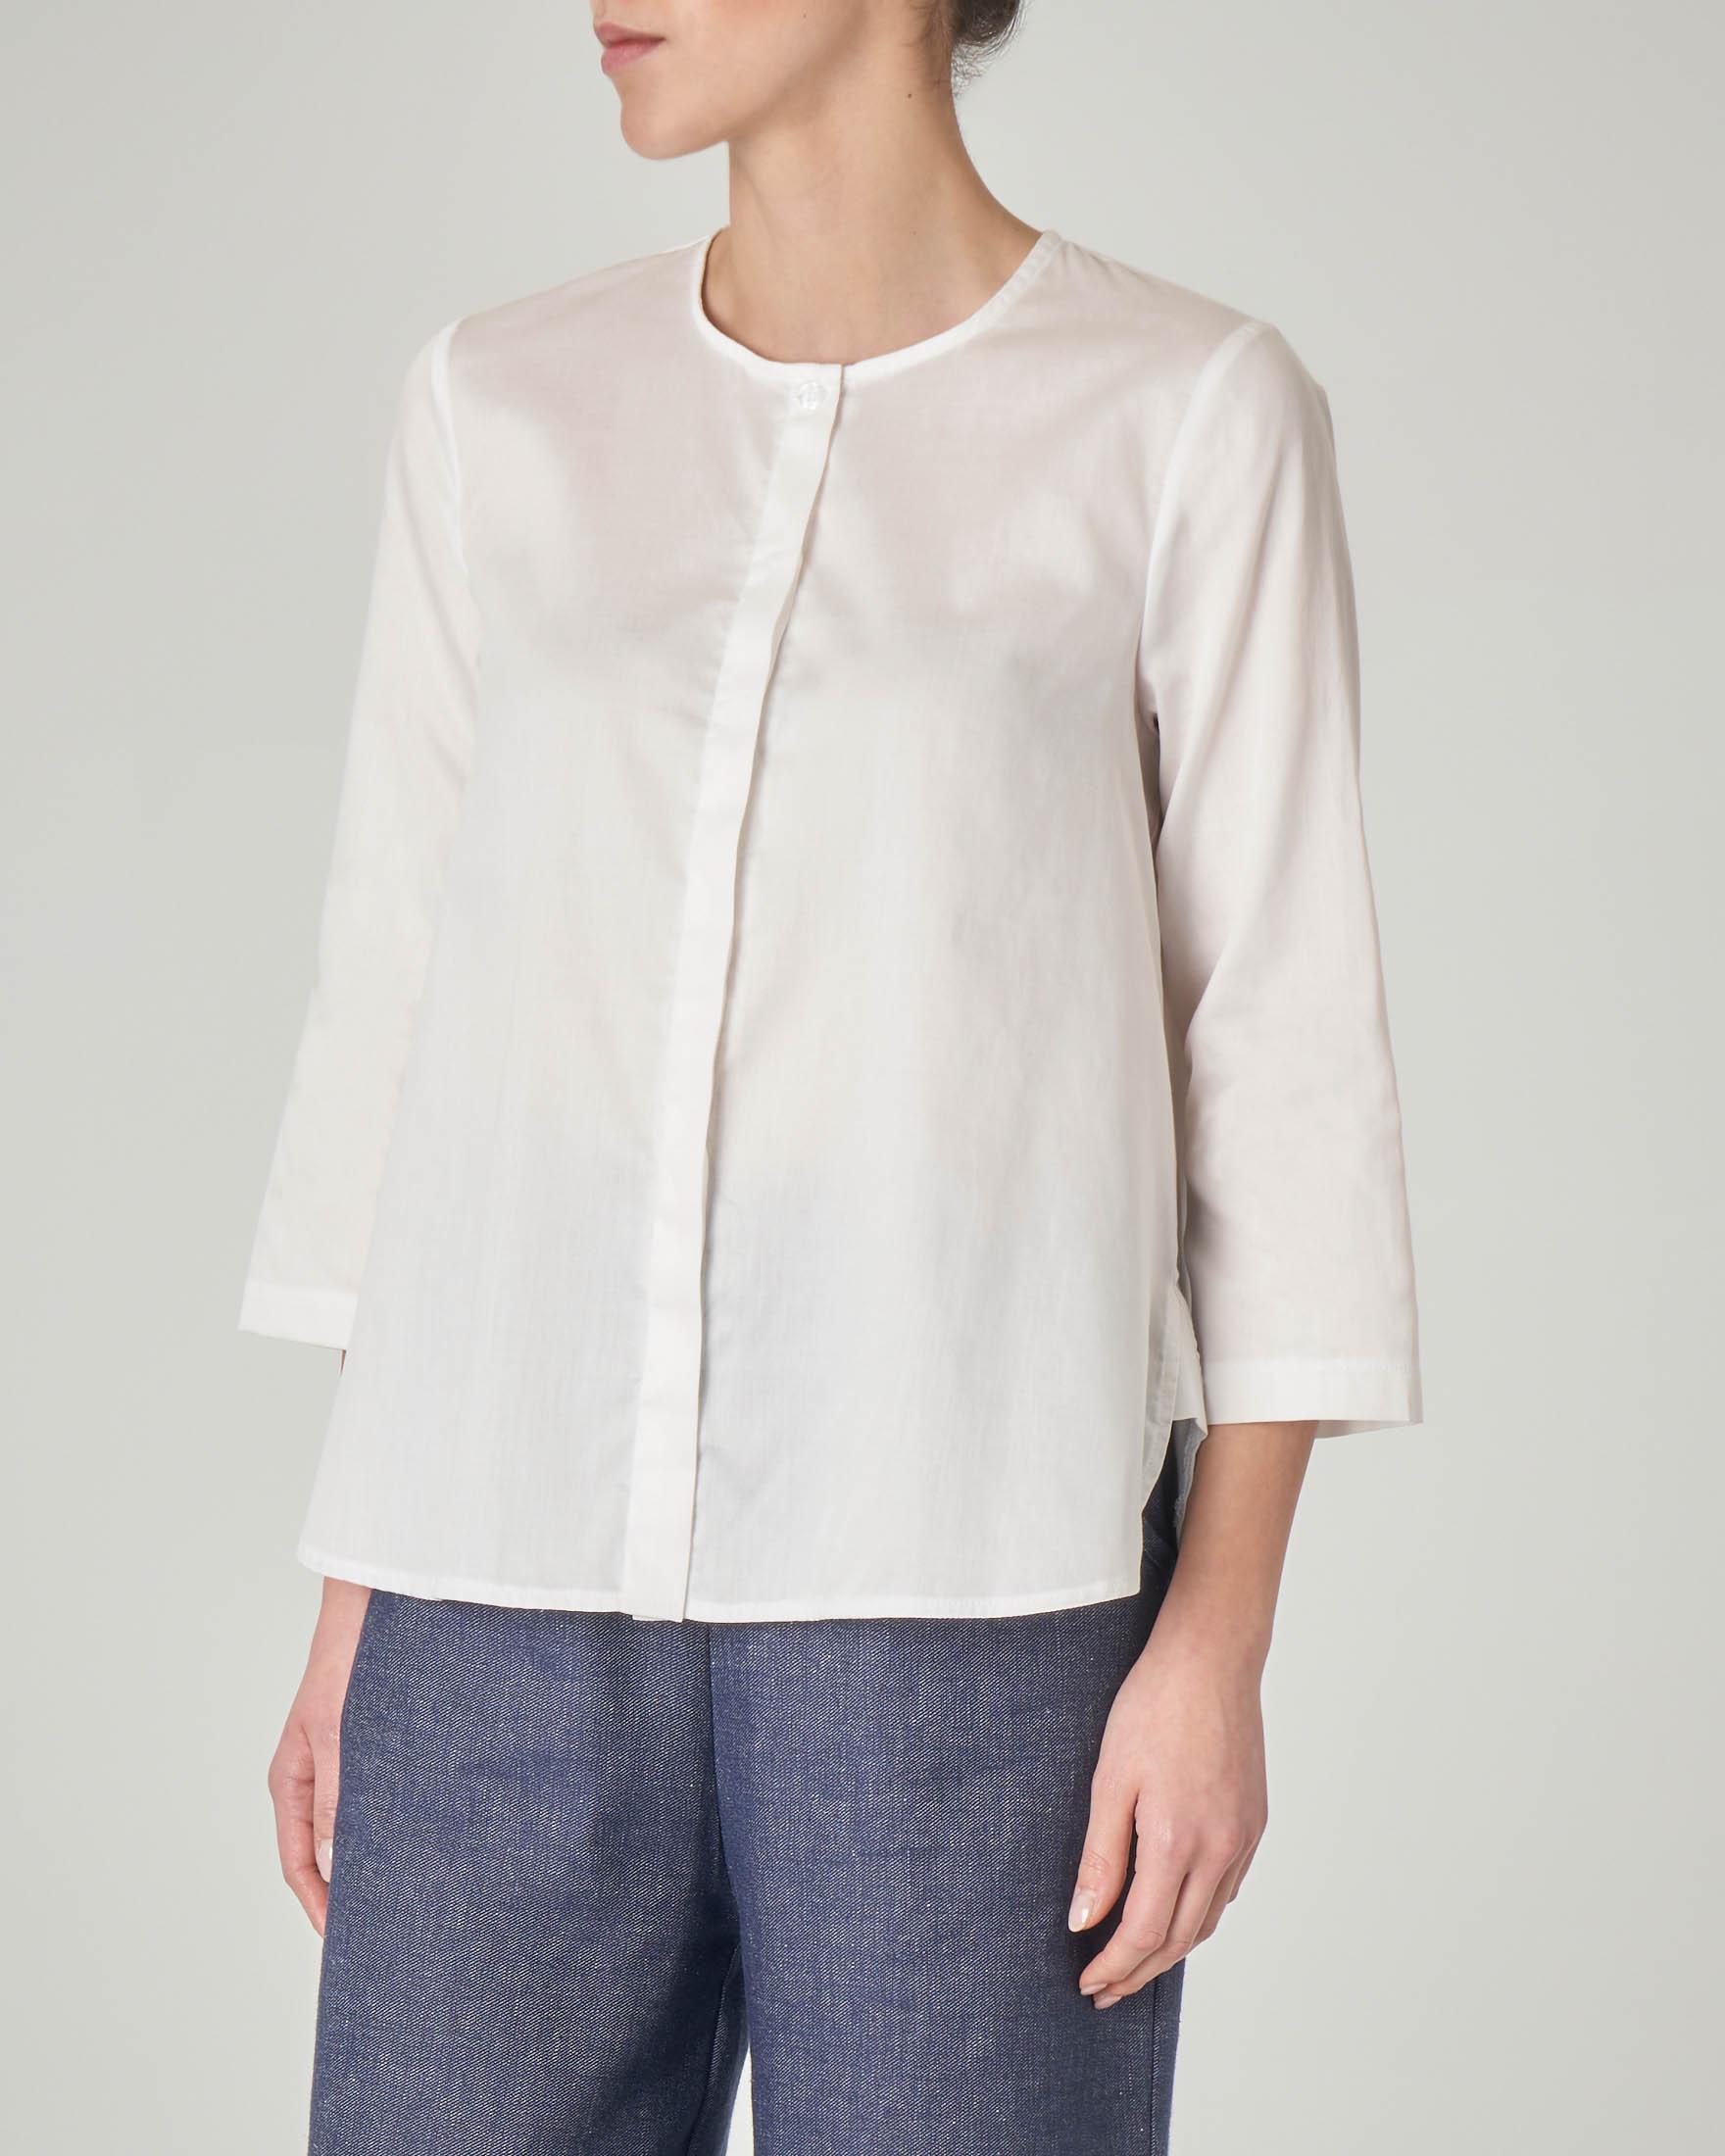 Camicia bianca senza collo in cotone con maniche tre quarti